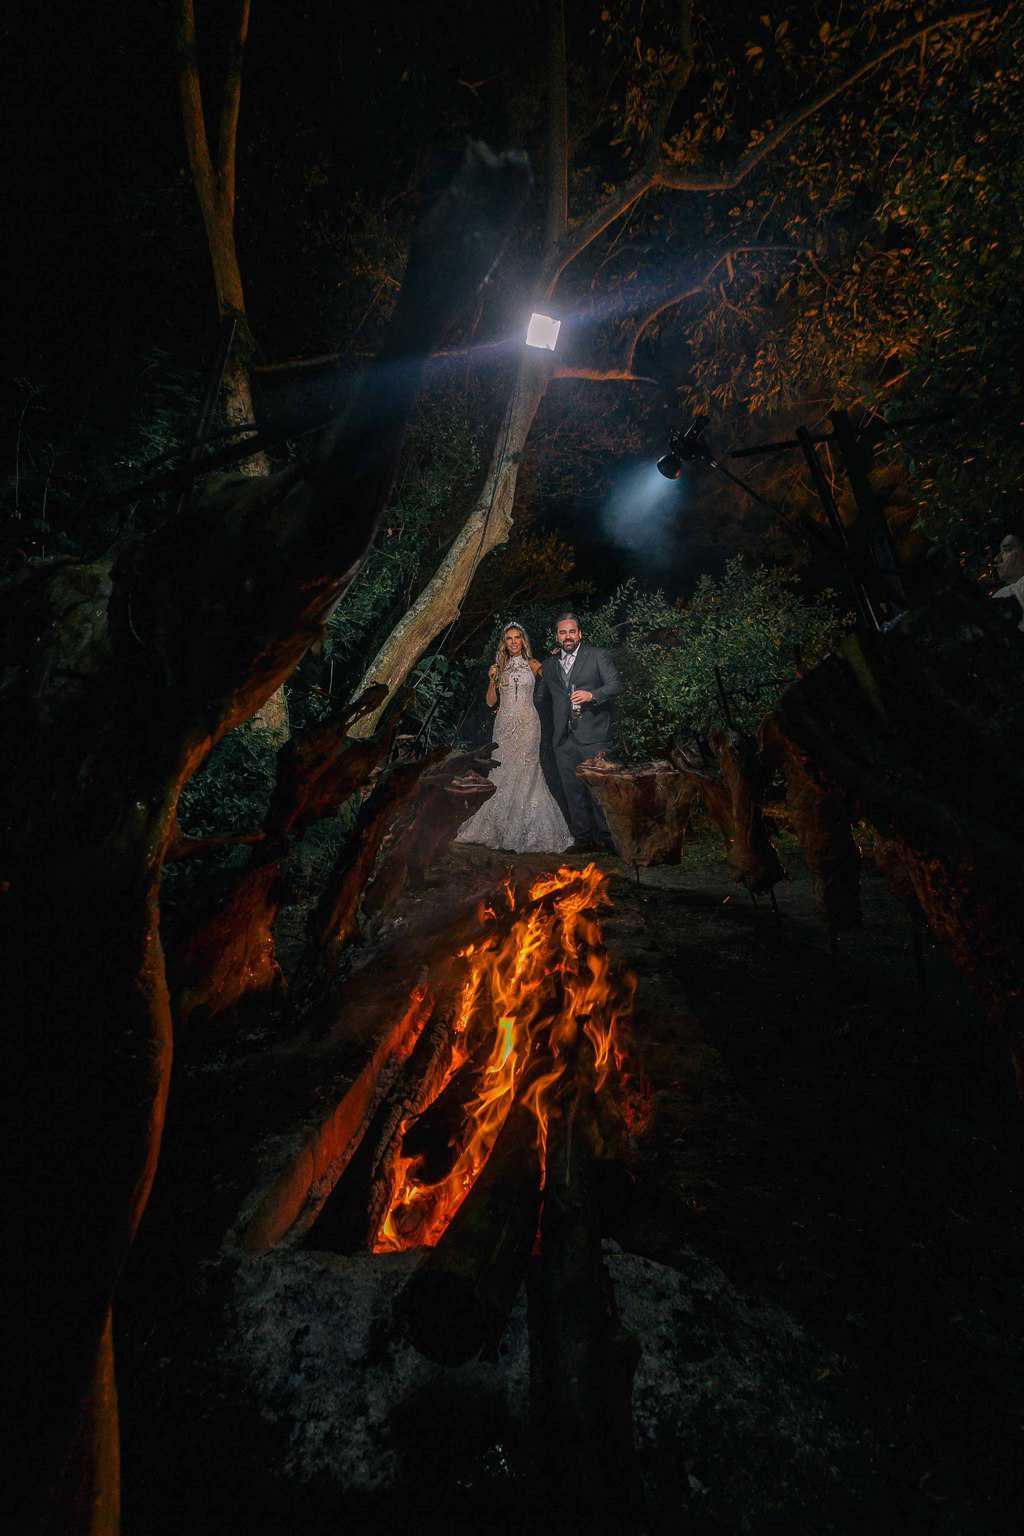 casamento-Marcela-e-Luciano-churrasco-fogo-de-chao-foto-dos-noivos-fotografia-Torin-Zanette4